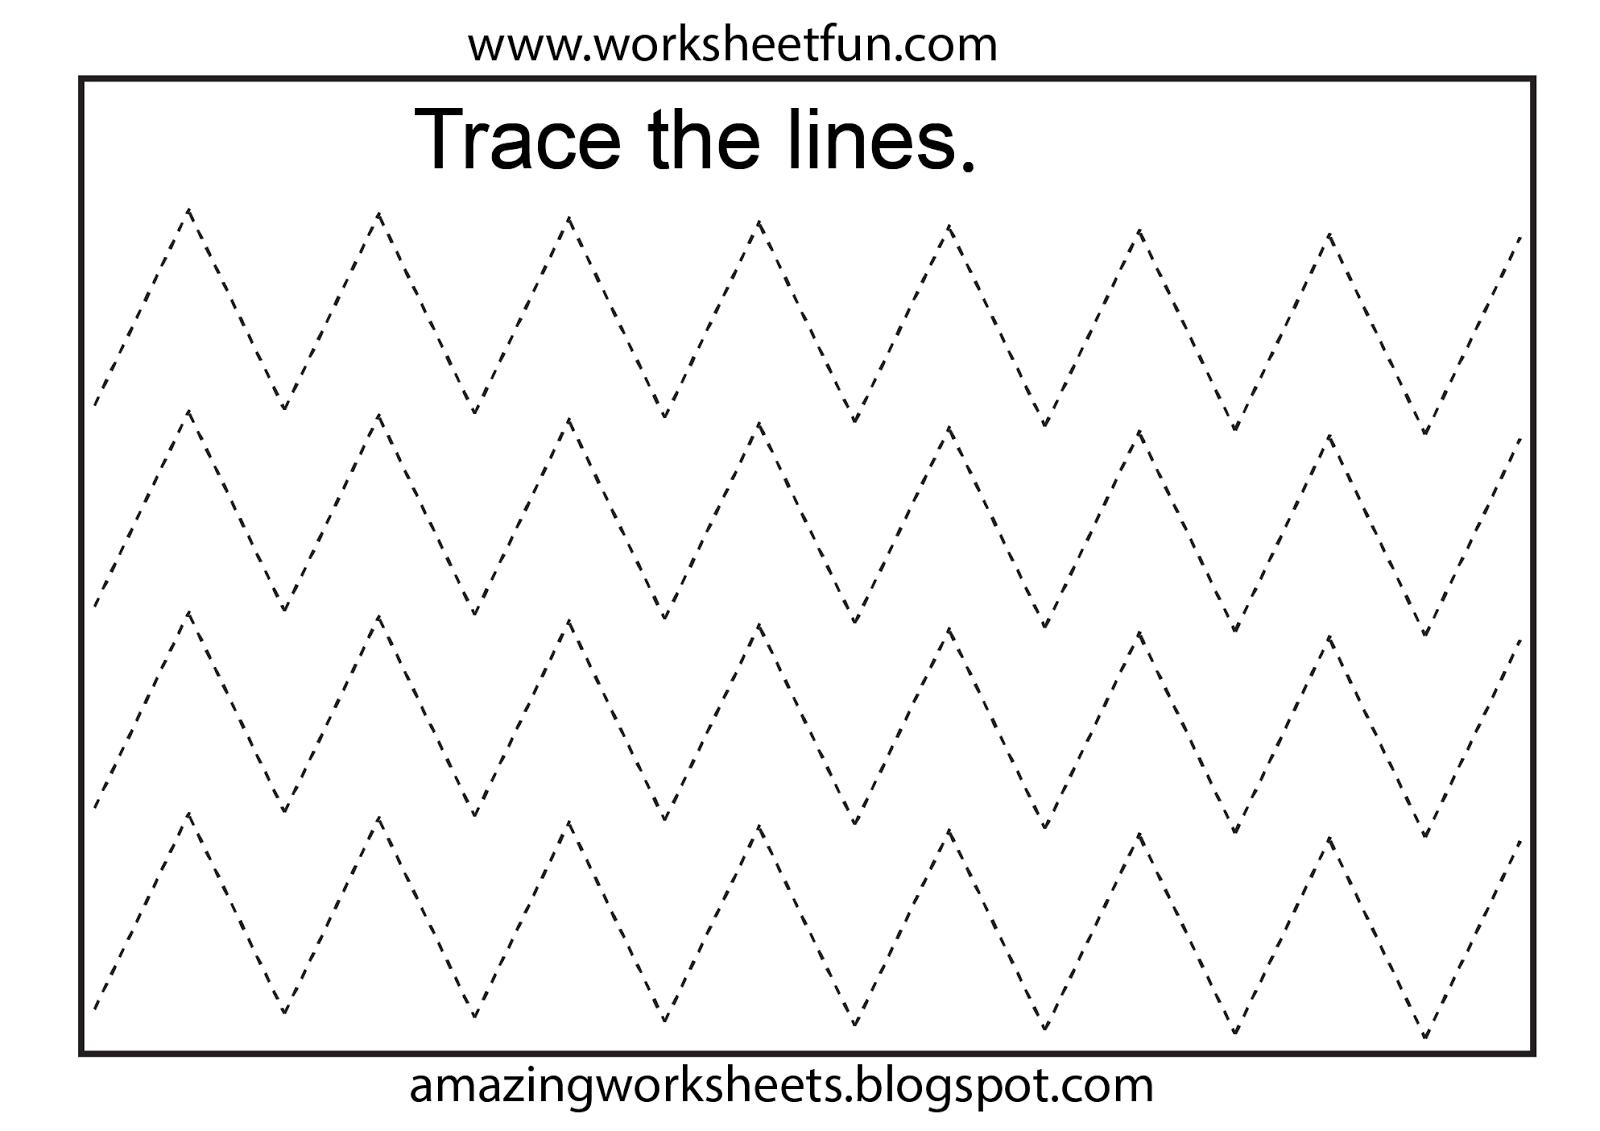 Free Printable Tracing Worksheets Preschool | Preschool Worksheets - Free Printable Tracing Worksheets